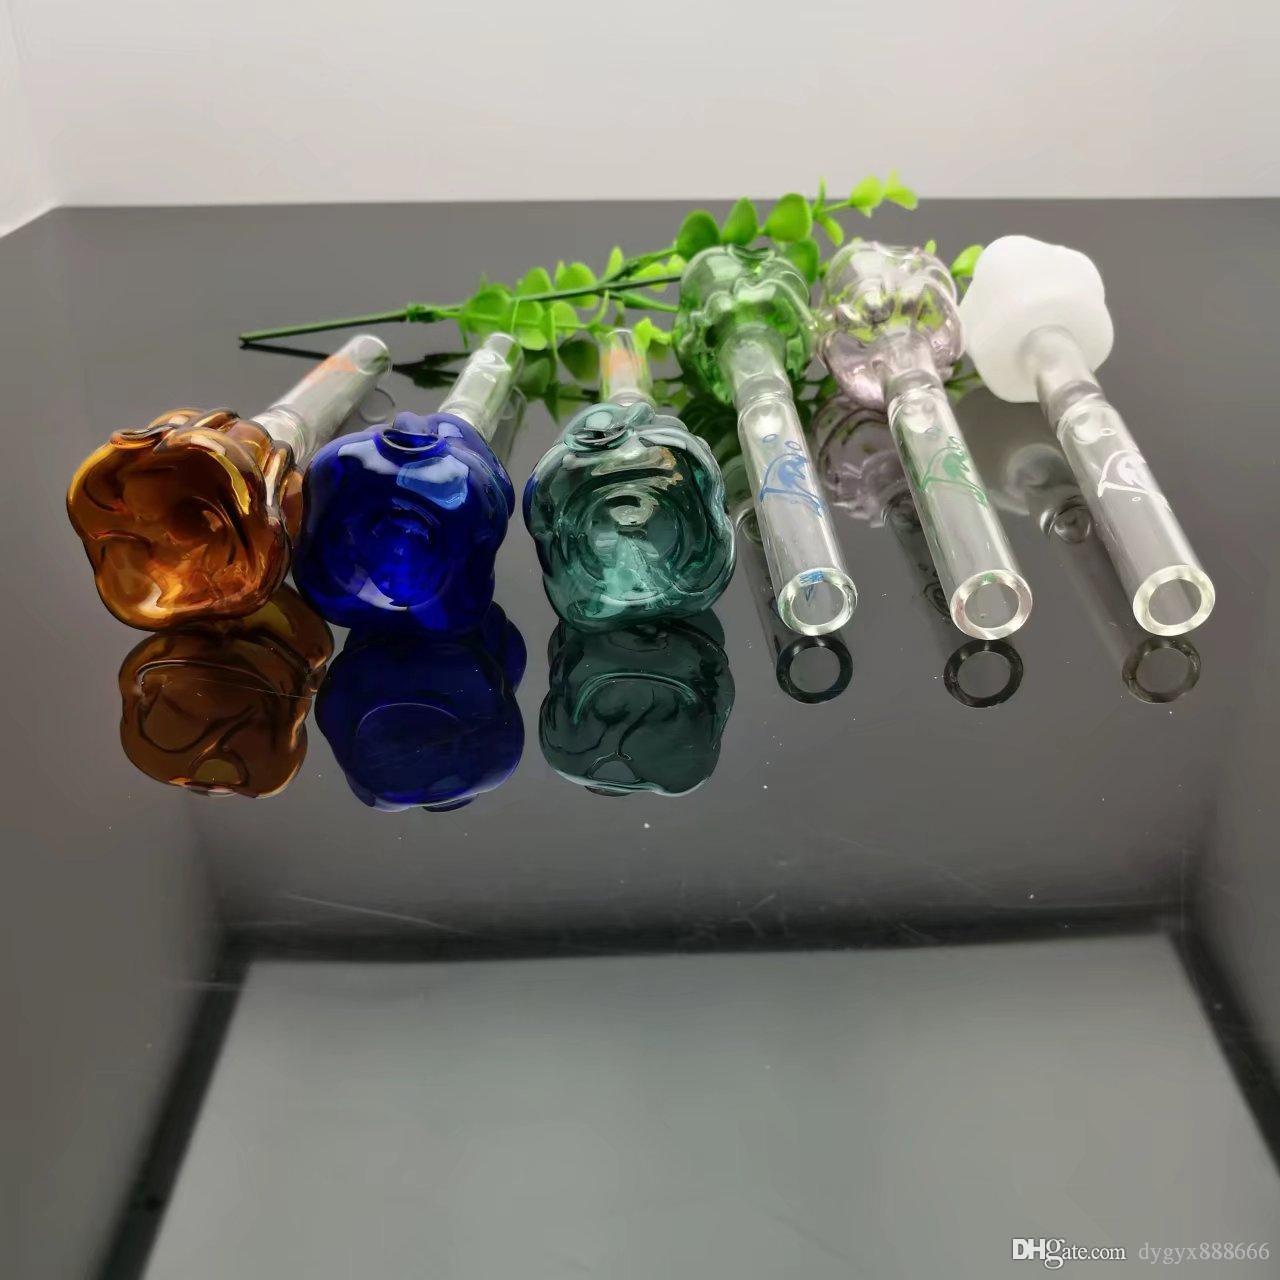 Цветные розы стекла Камин Плита Оптовая Bongs масло горелки Трубы Водопроводные трубы стеклянные трубные нефтяные вышки для курения Бесплатная доставка